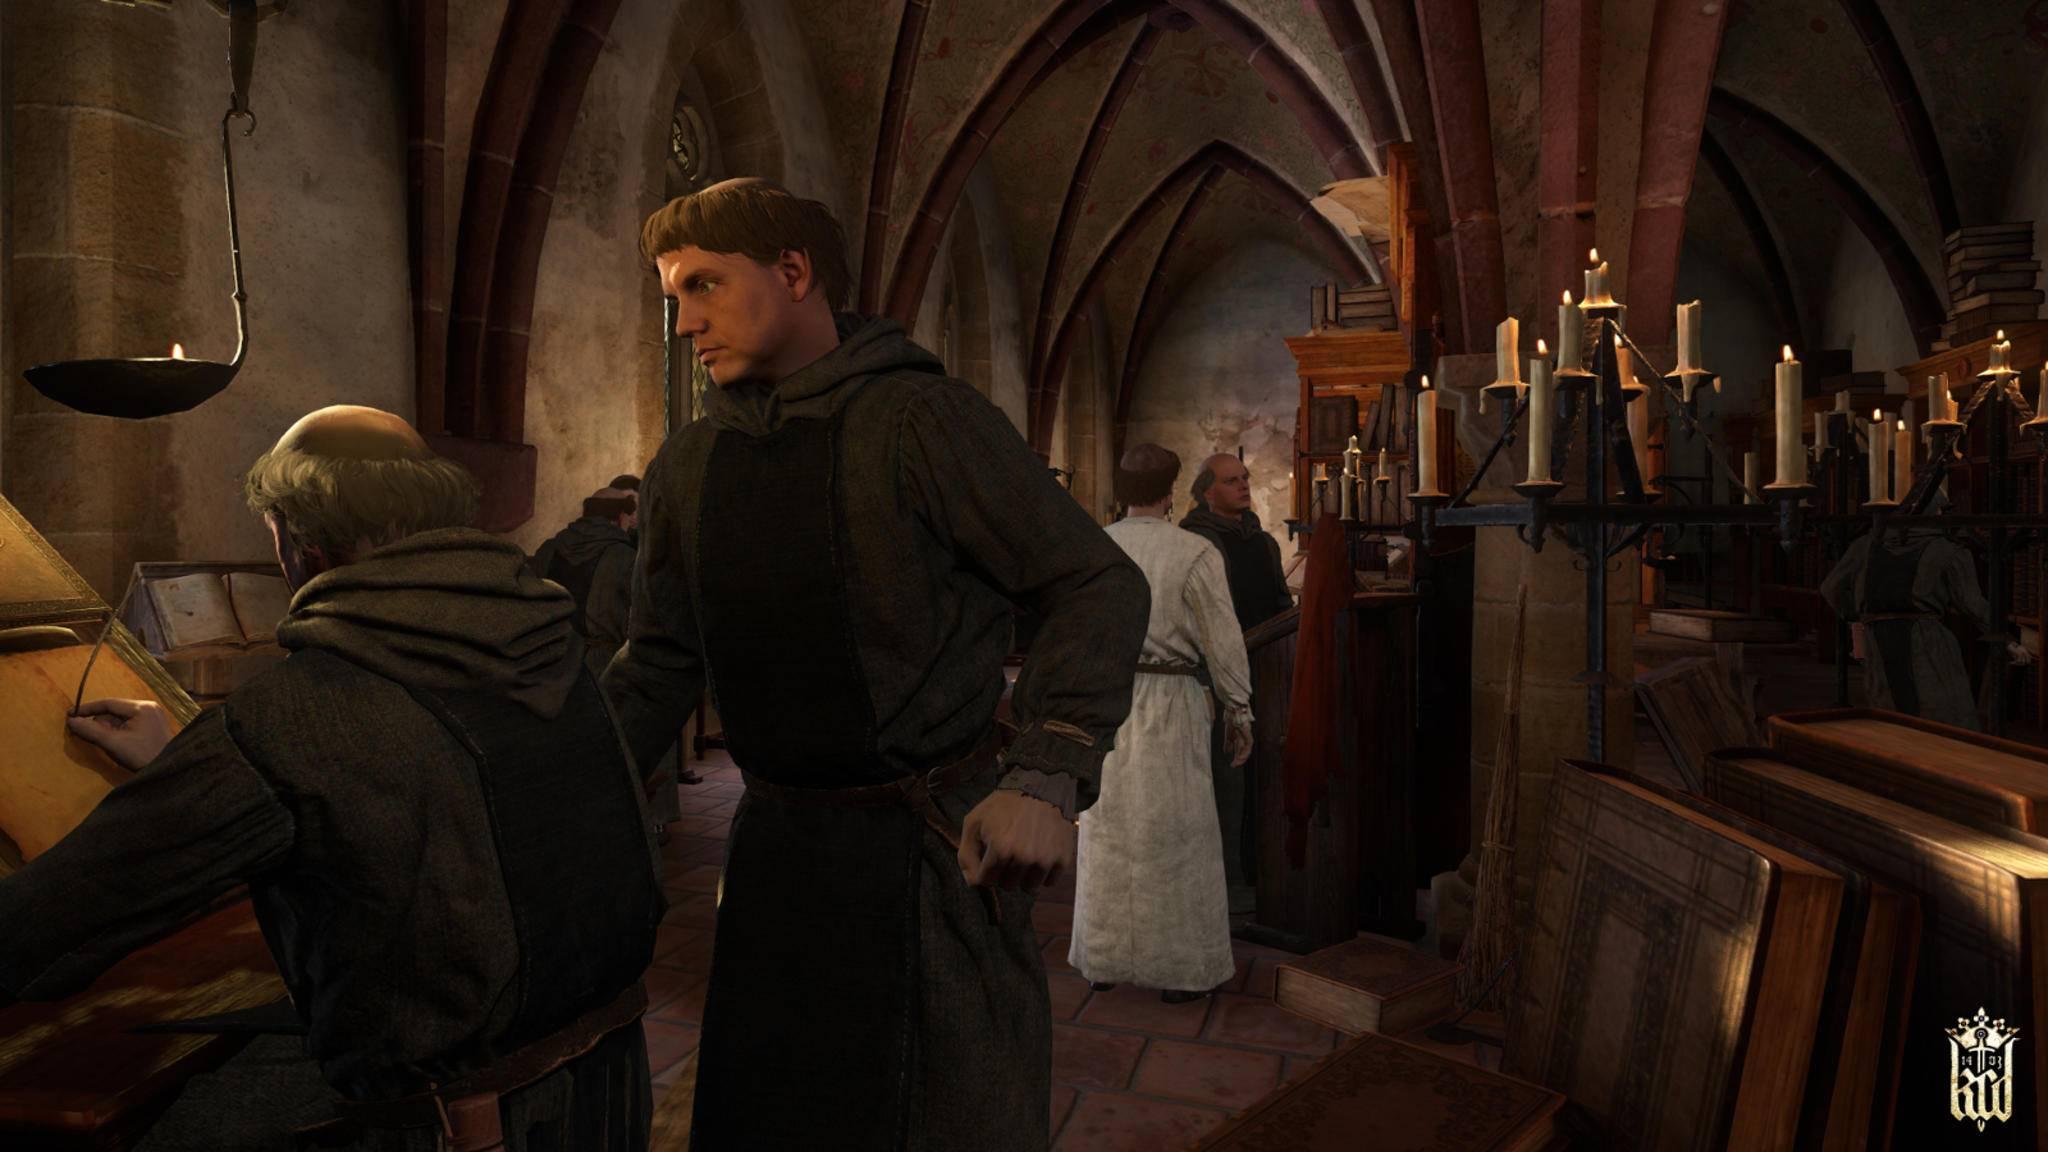 Als Klosterbruder muss sich Heinrich einem strengen Tagesablauf unterordnen.